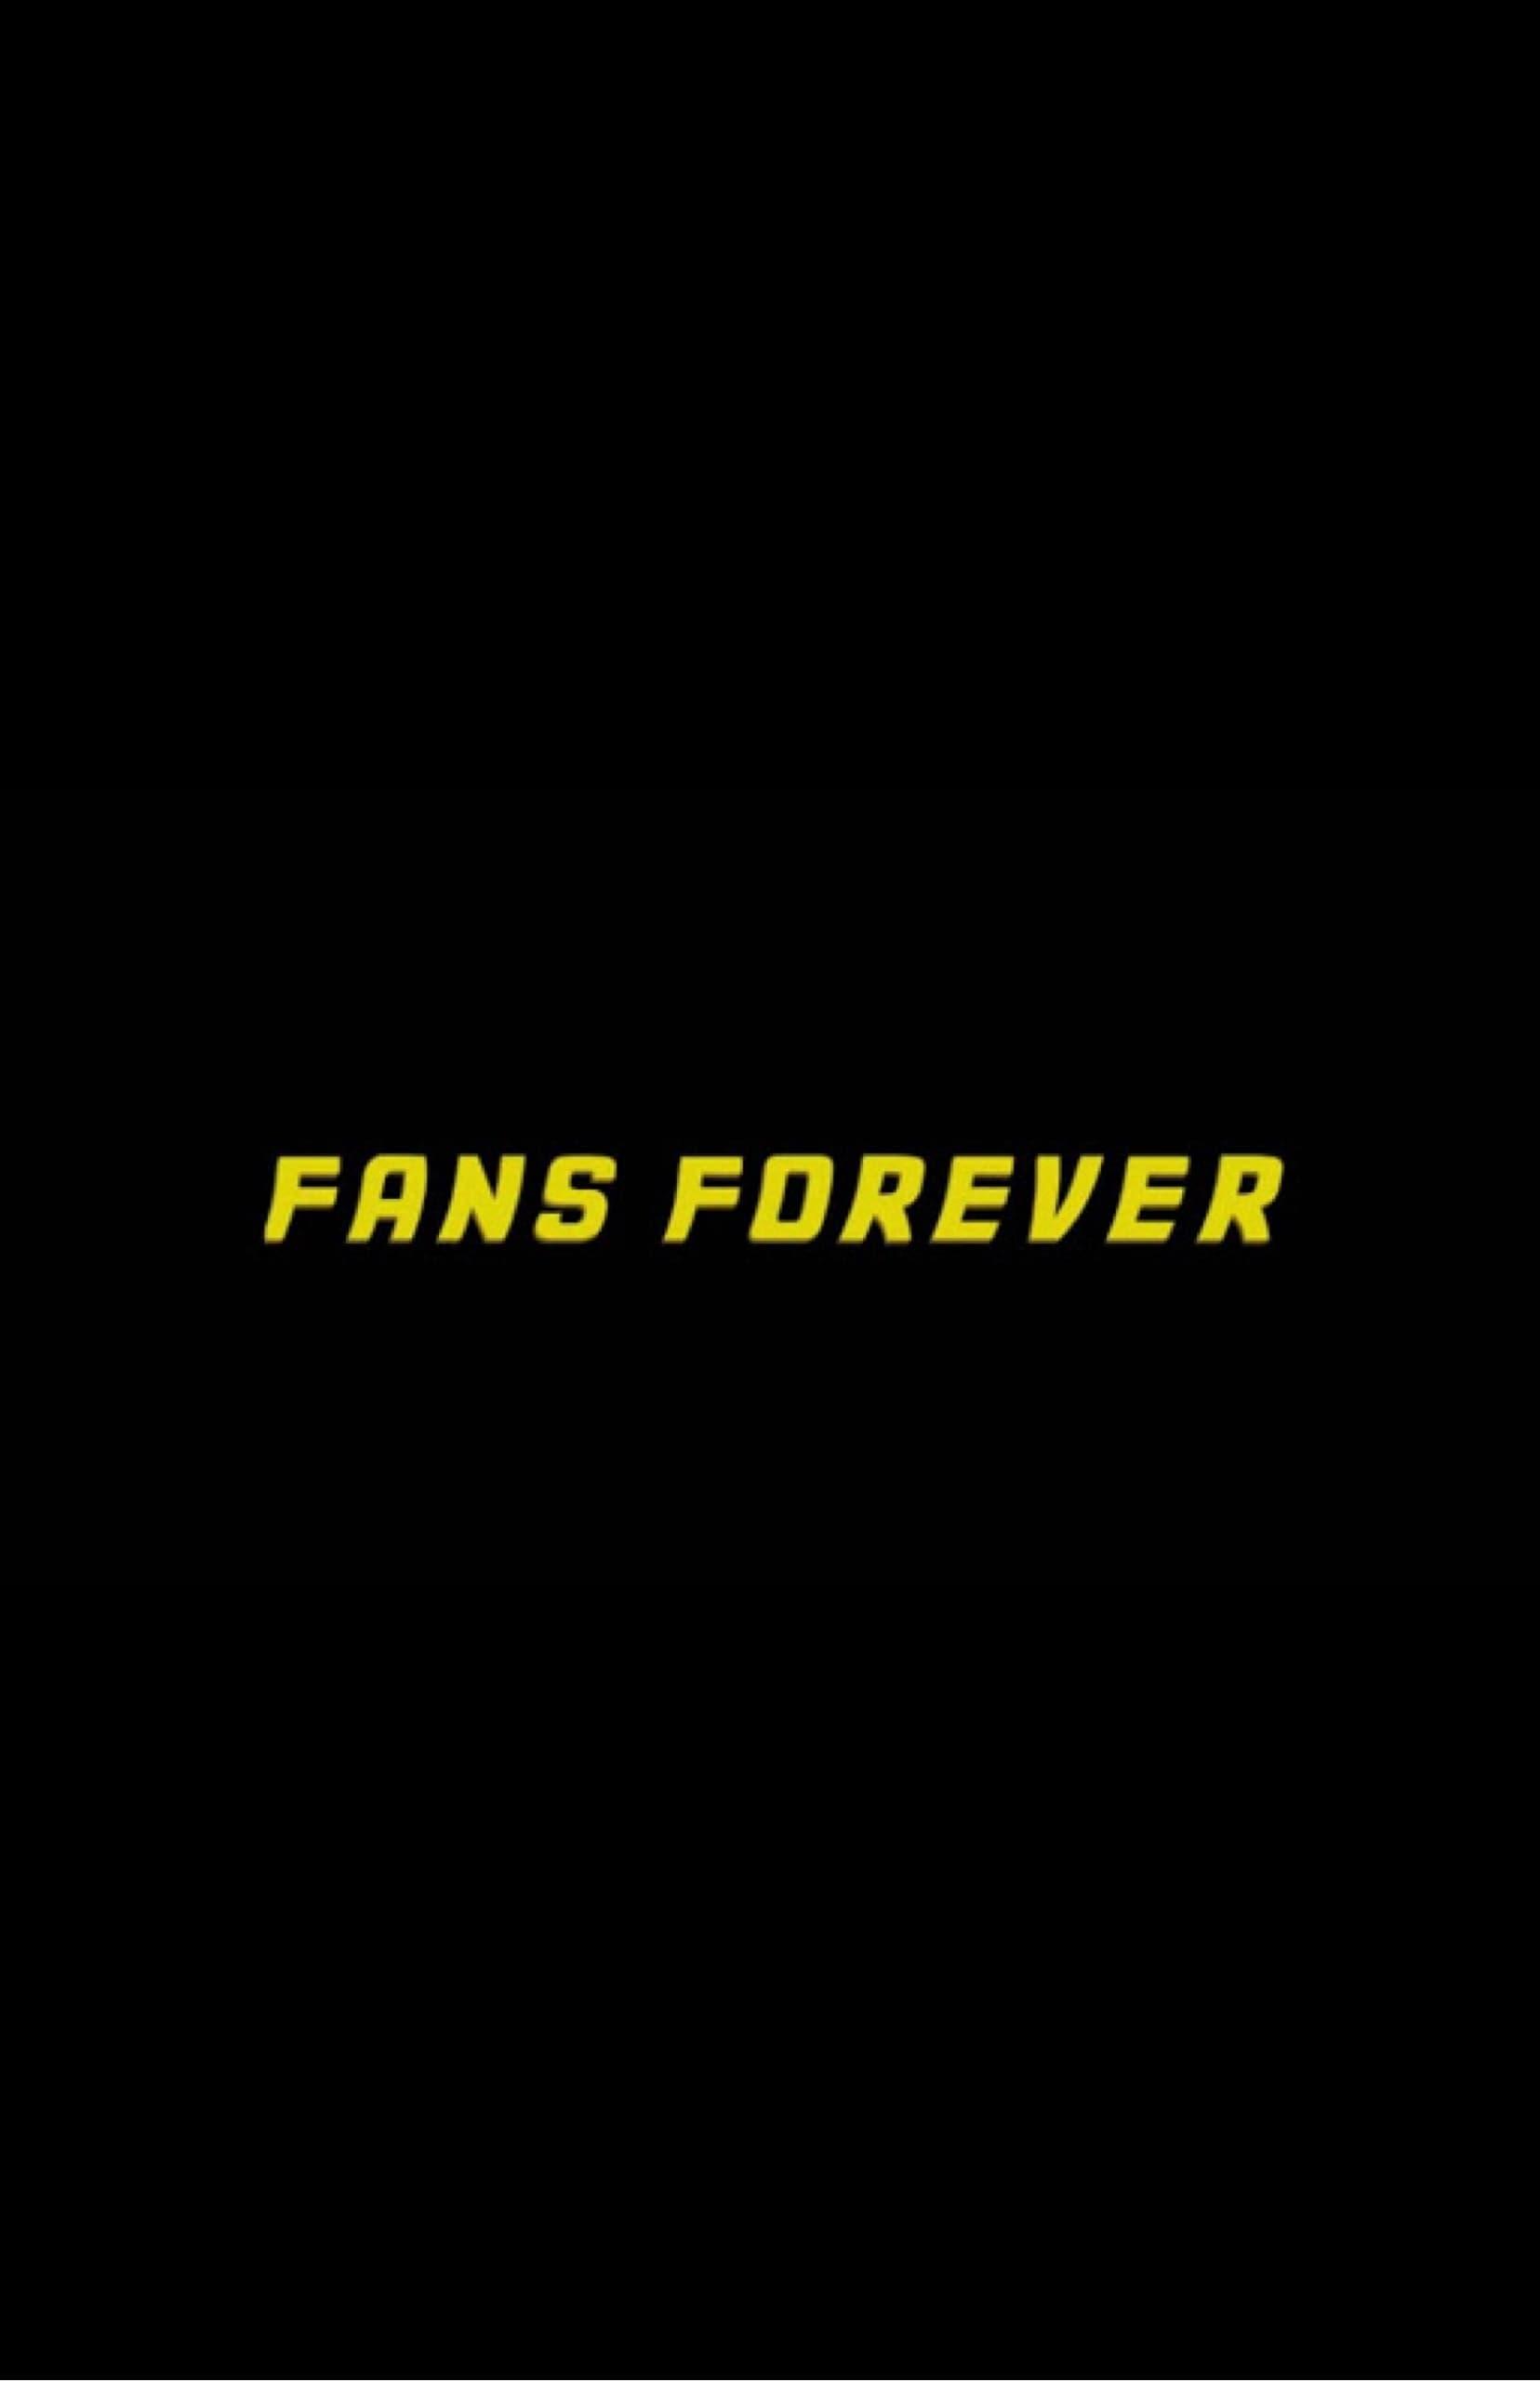 Fans Forever